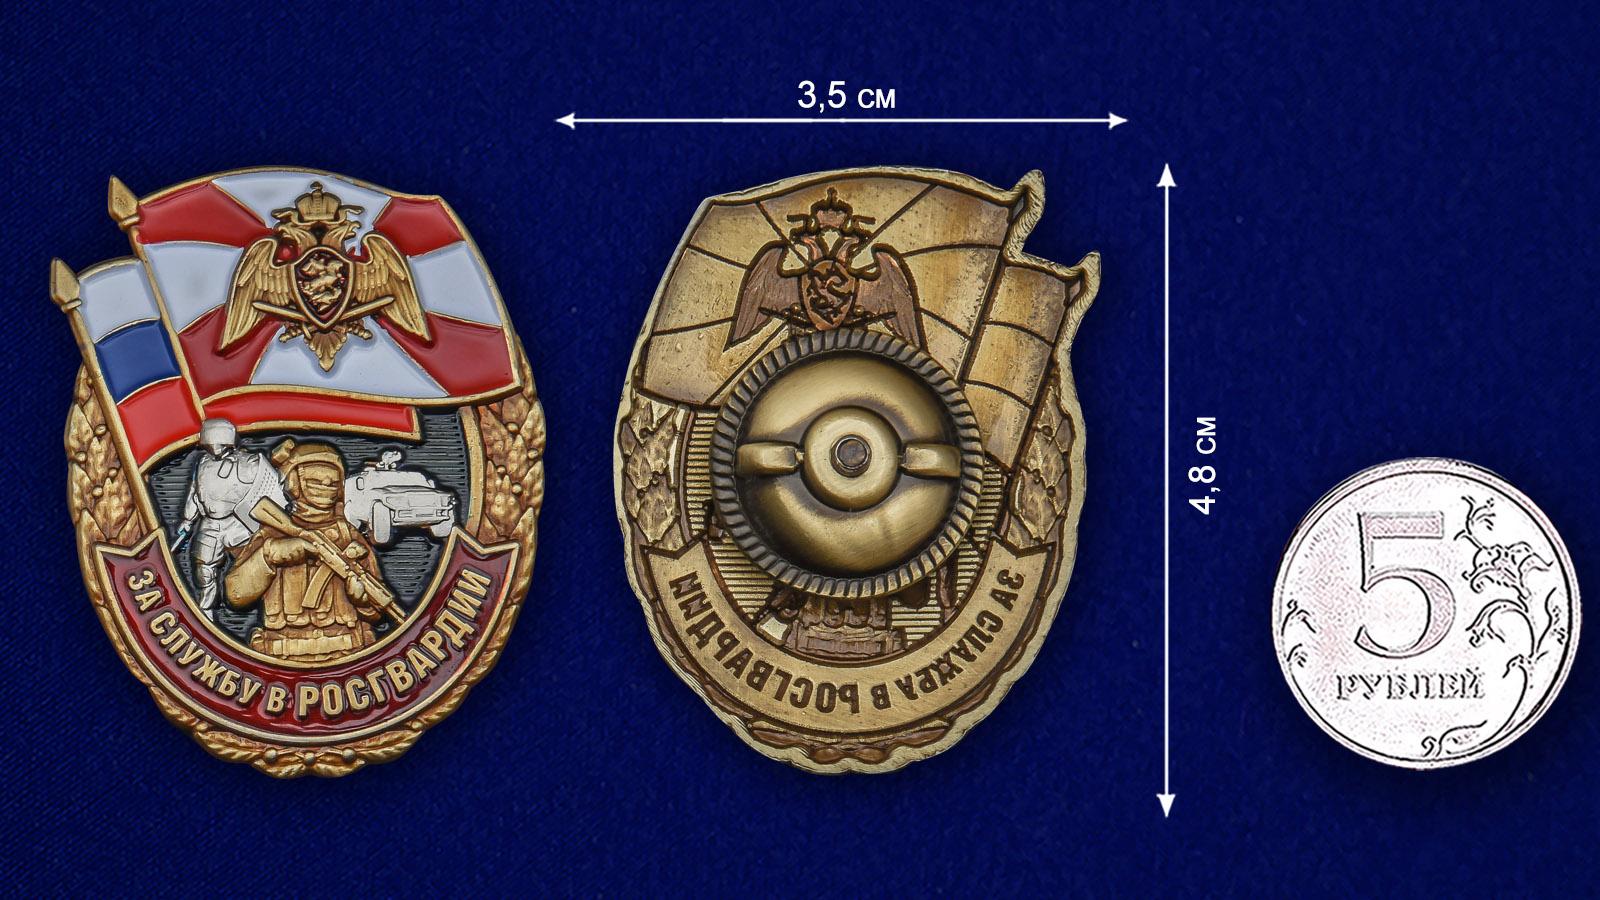 Латунный знак За службу в Росгвардии - сравнительный вид